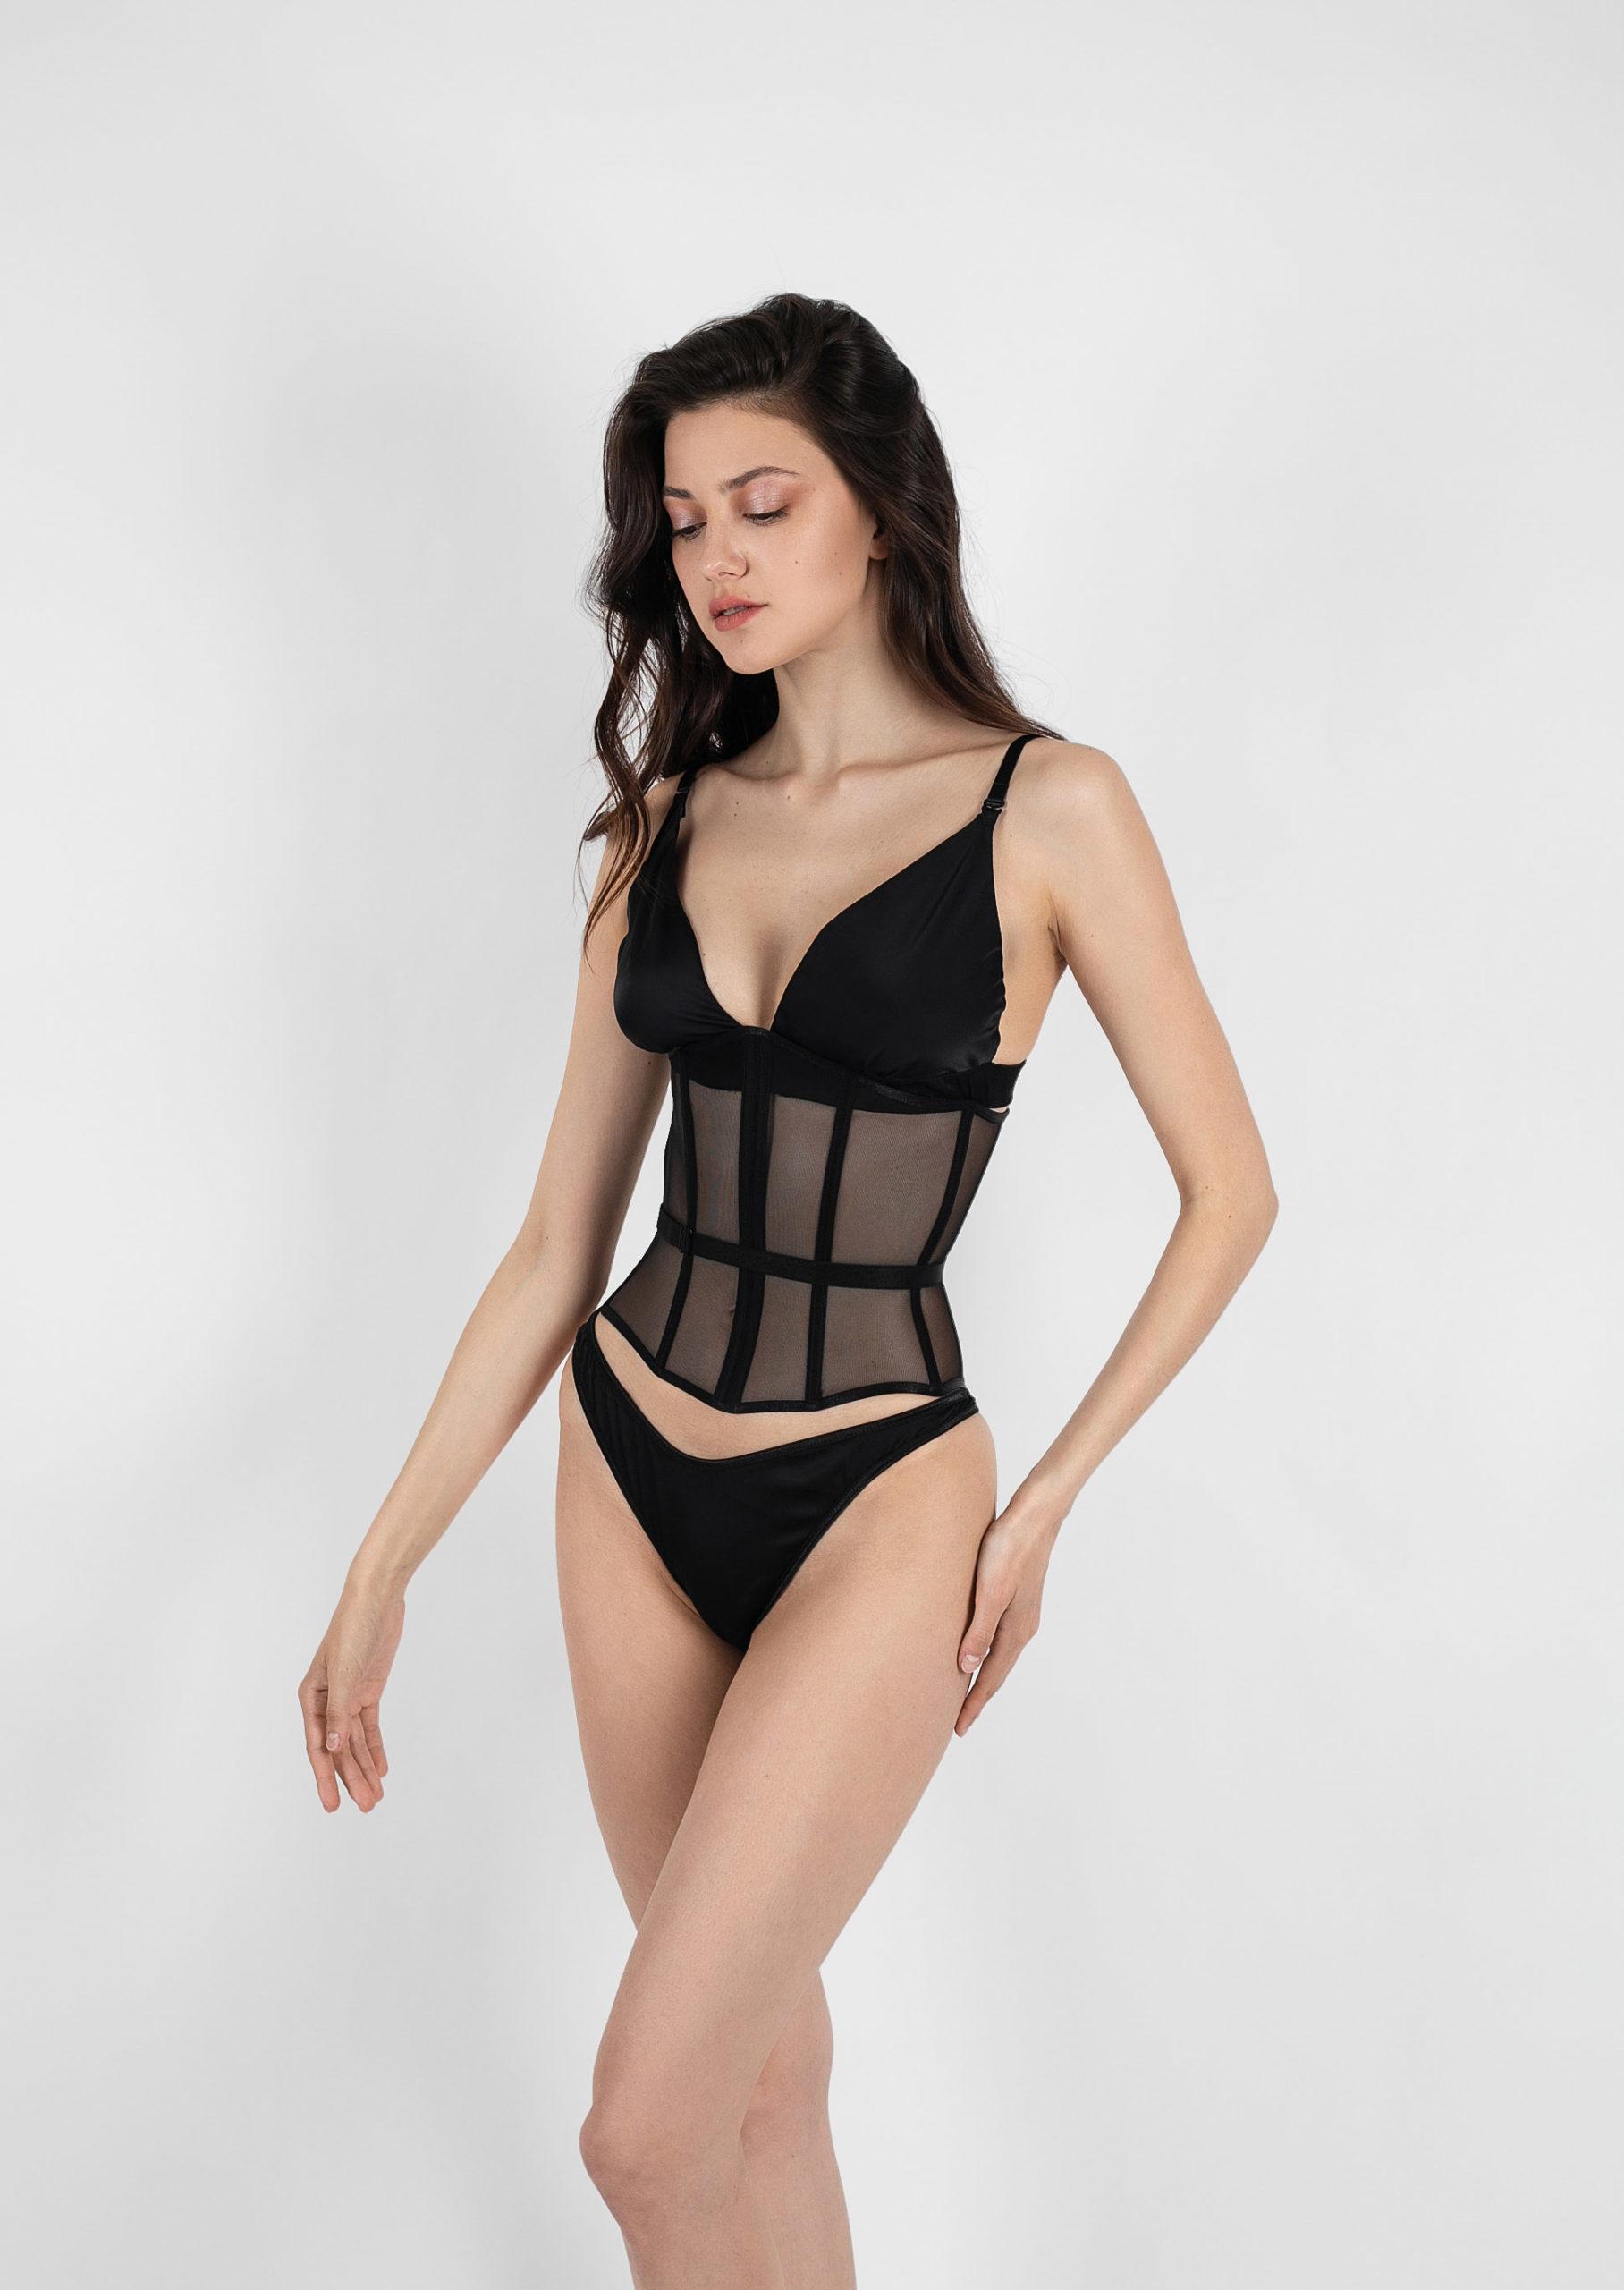 Black underbust corset / hourglass steel boned corset / vintage renaissance lace up corset top / sexy transparent corset belt for woman